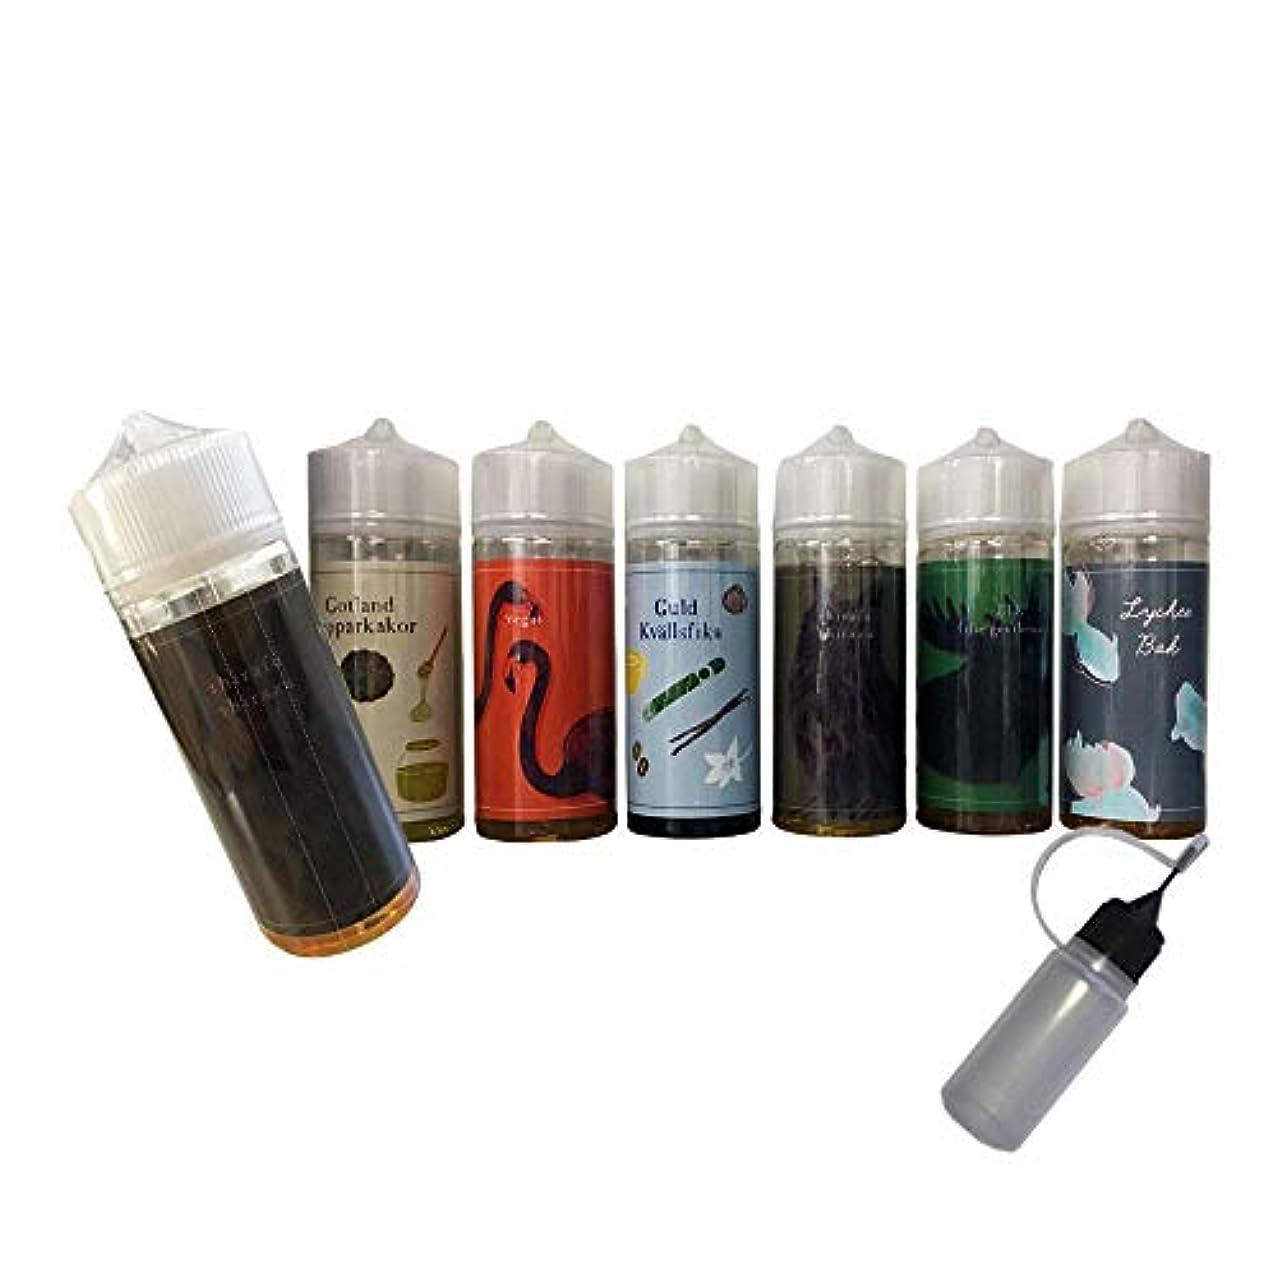 ゴミ洞察力のある飲み込む電子タバコ リキッド 国産 タール ニコチン0 BaksLiquidLab. (バクスリキッドラボ) 100ml ニードルボトルのおまけ付き (② Guld Kvällsfika)